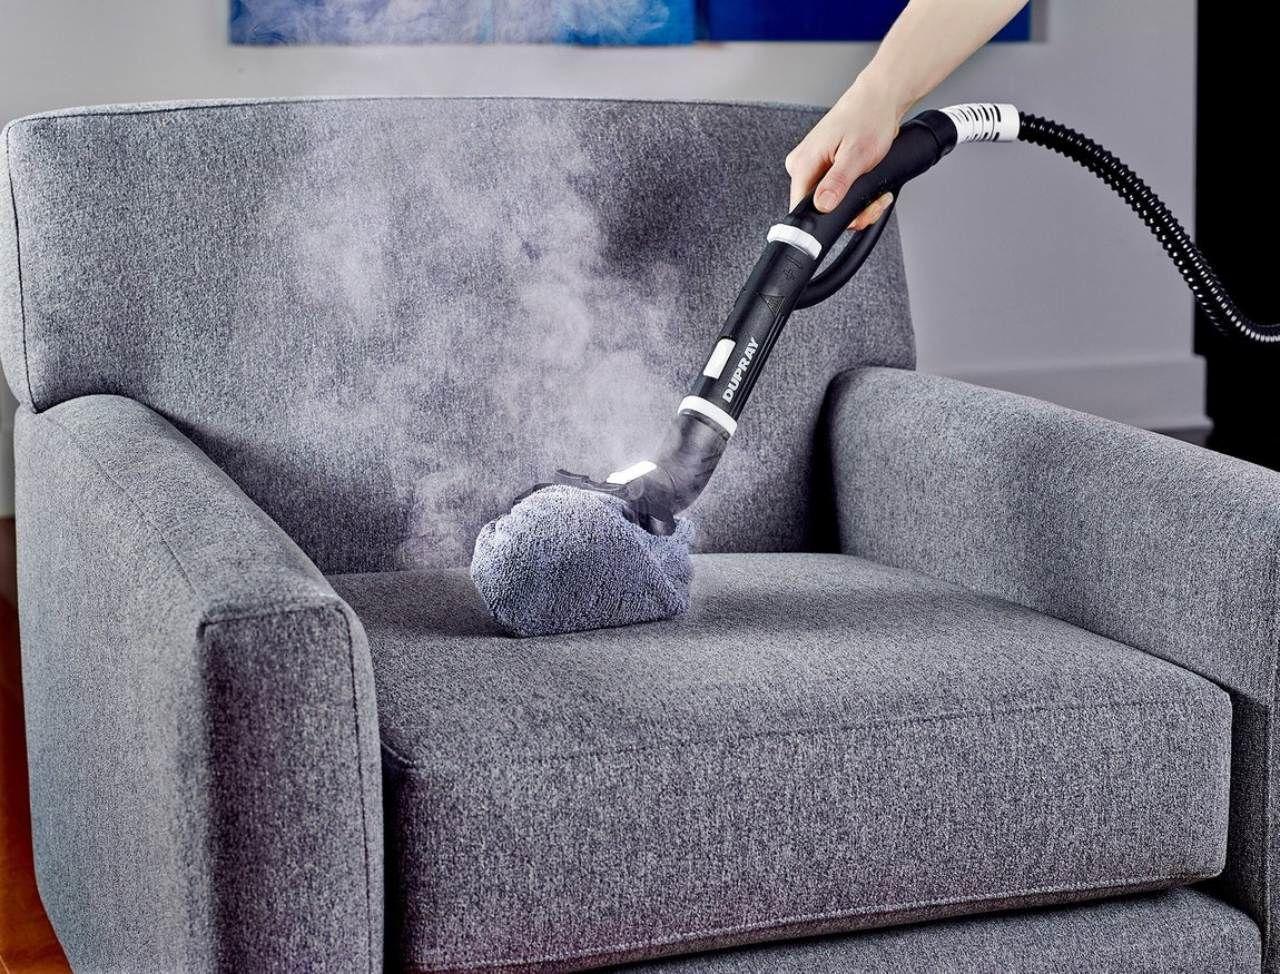 Химчистка дивана самостоятельно